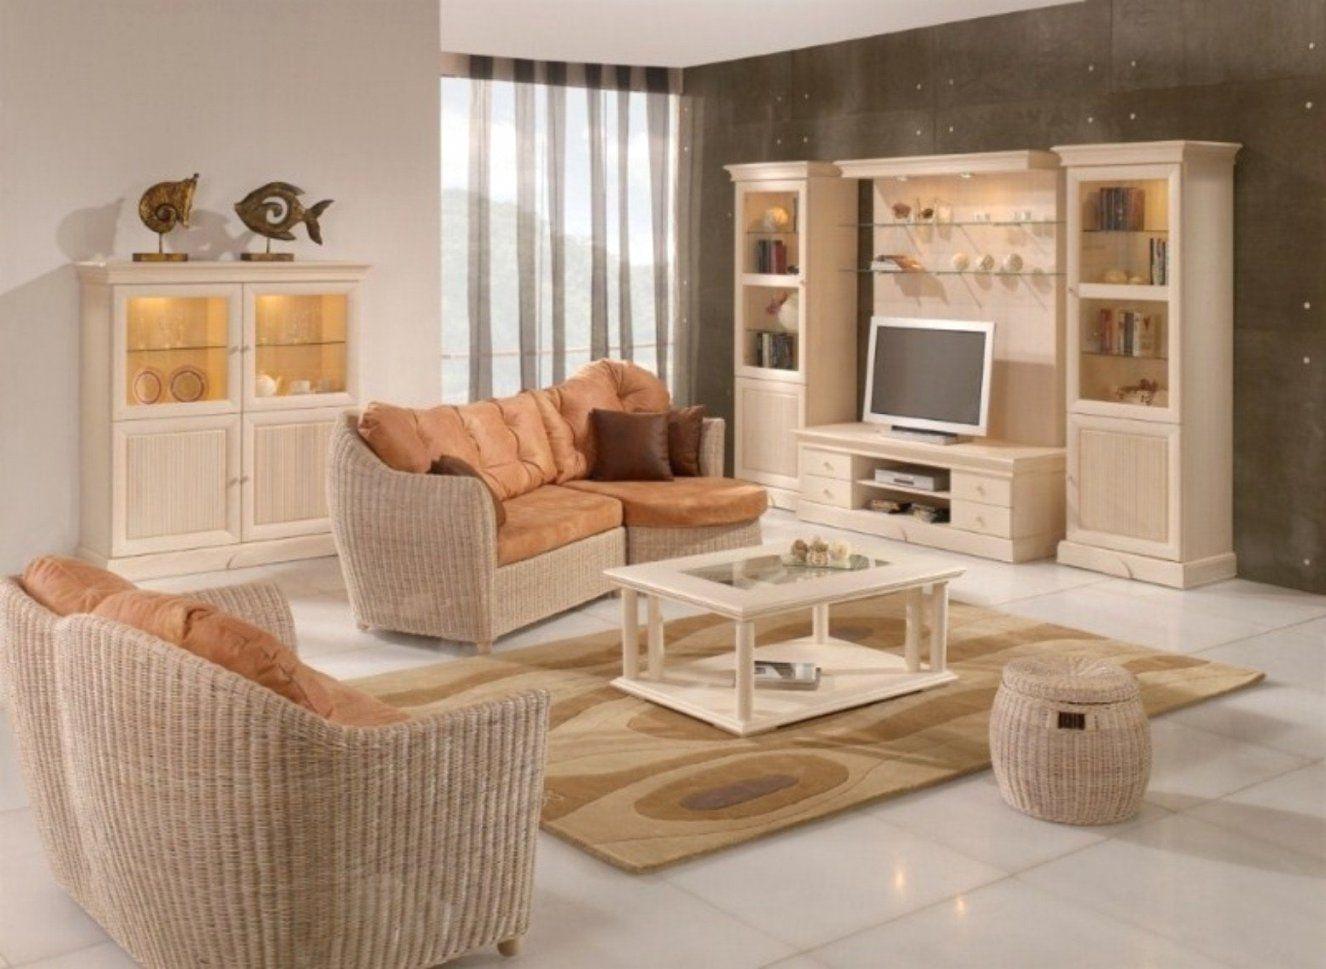 Pinie Möbel Mit Pinienmöbel Natur Gebürstet Gekälkt Mediterran 1 Und von Pinienmöbel Gekälkt Und Gebürstet Bild